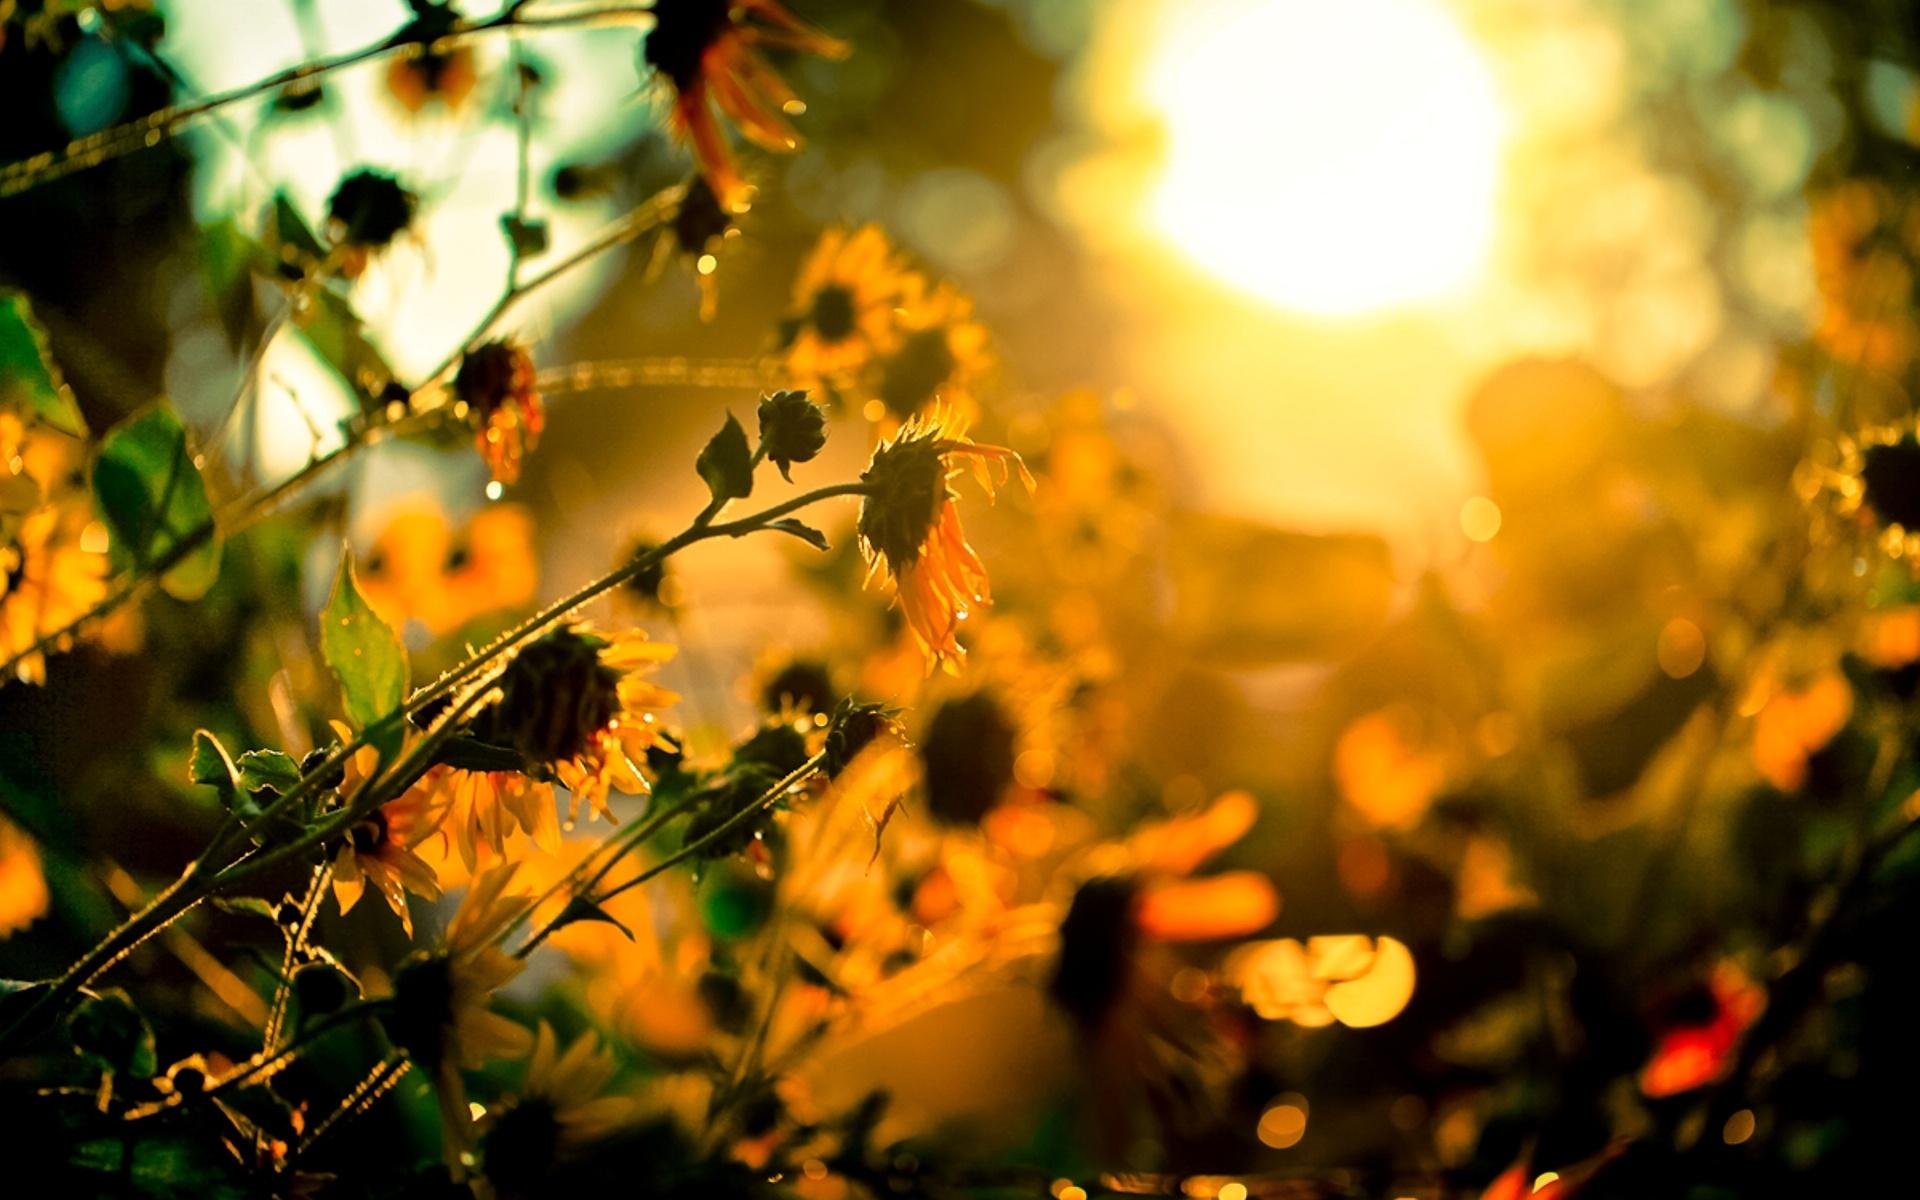 HD Sunshine Wallpaper #6871660